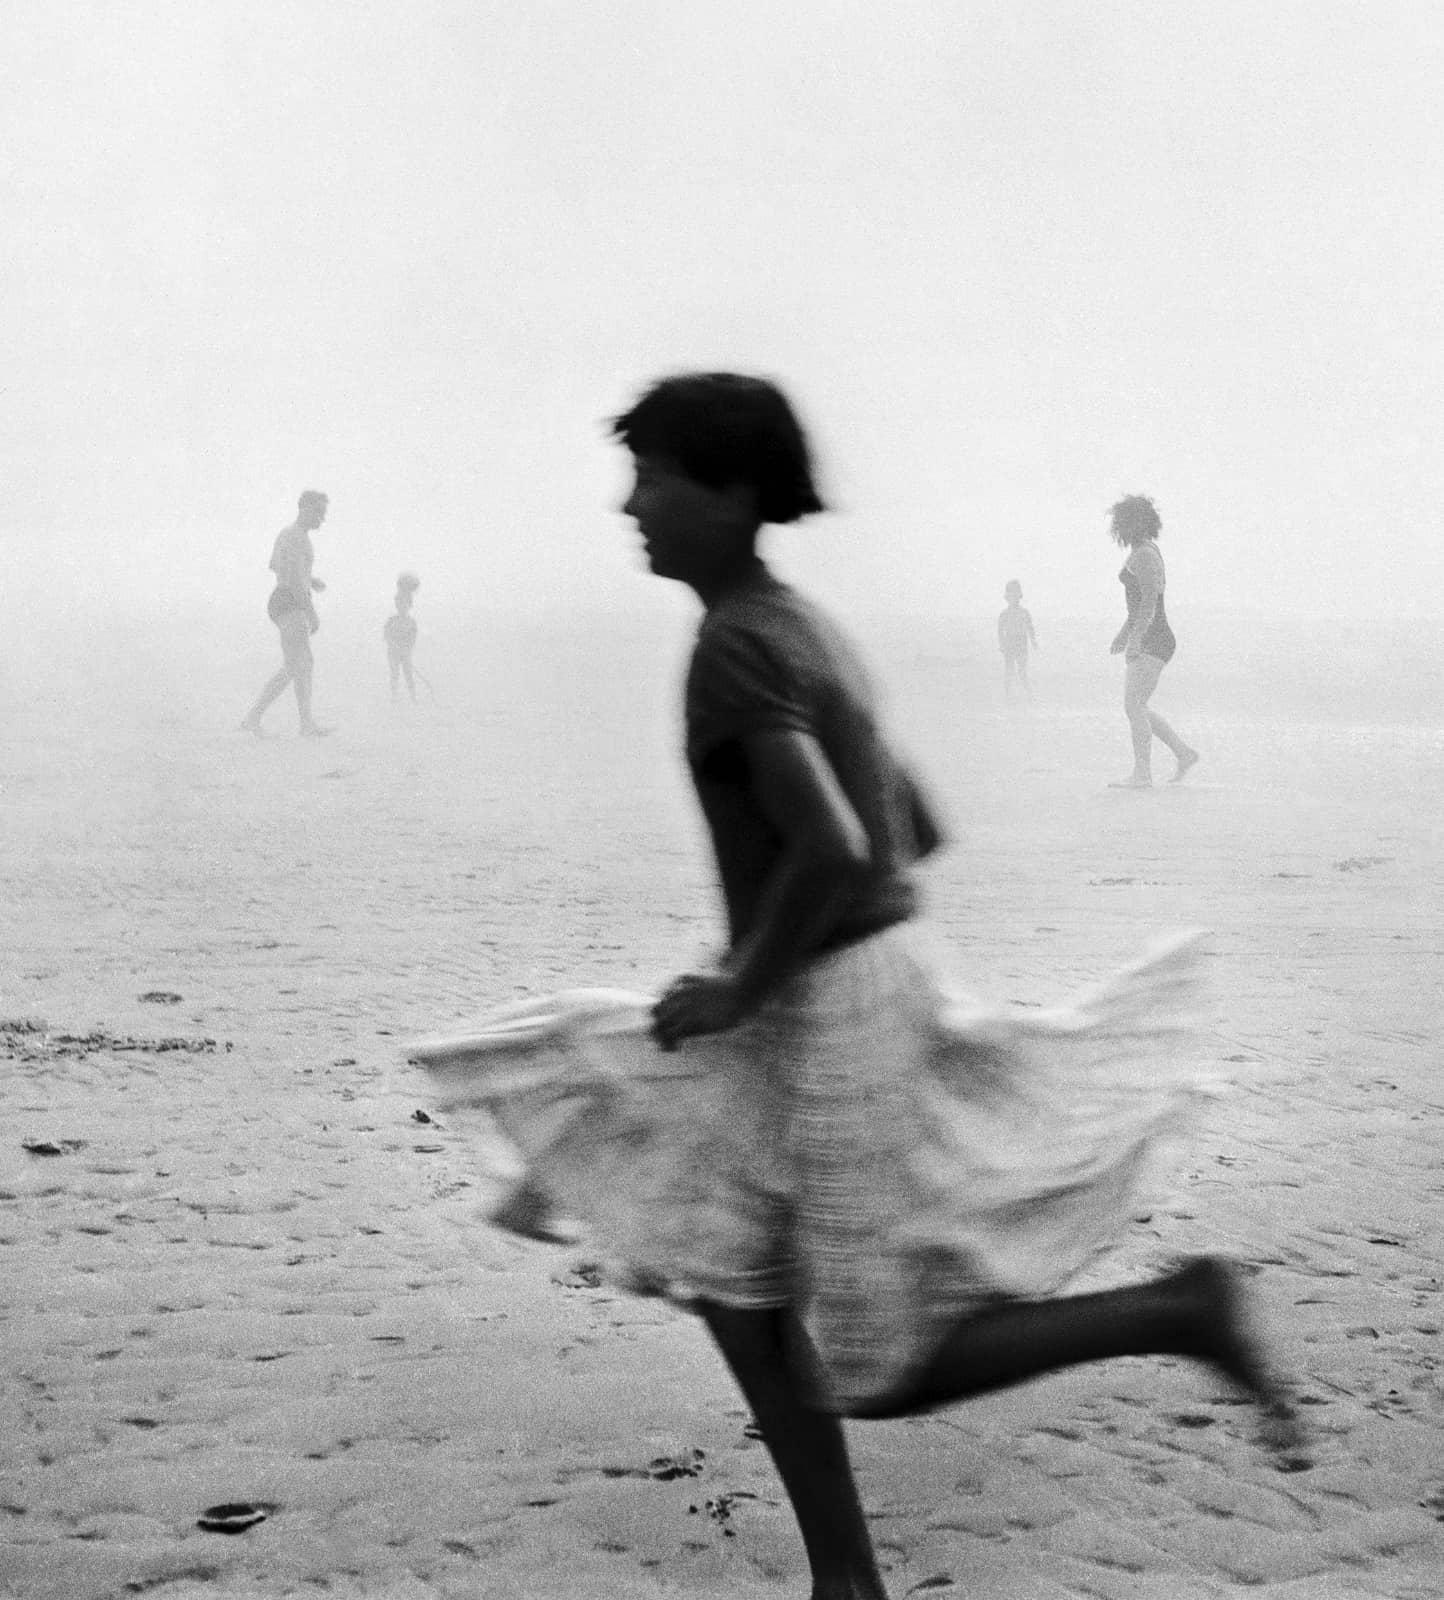 foto: © Ad Windig/MAI - meisje in de mist, Wijk aan Zee 1955